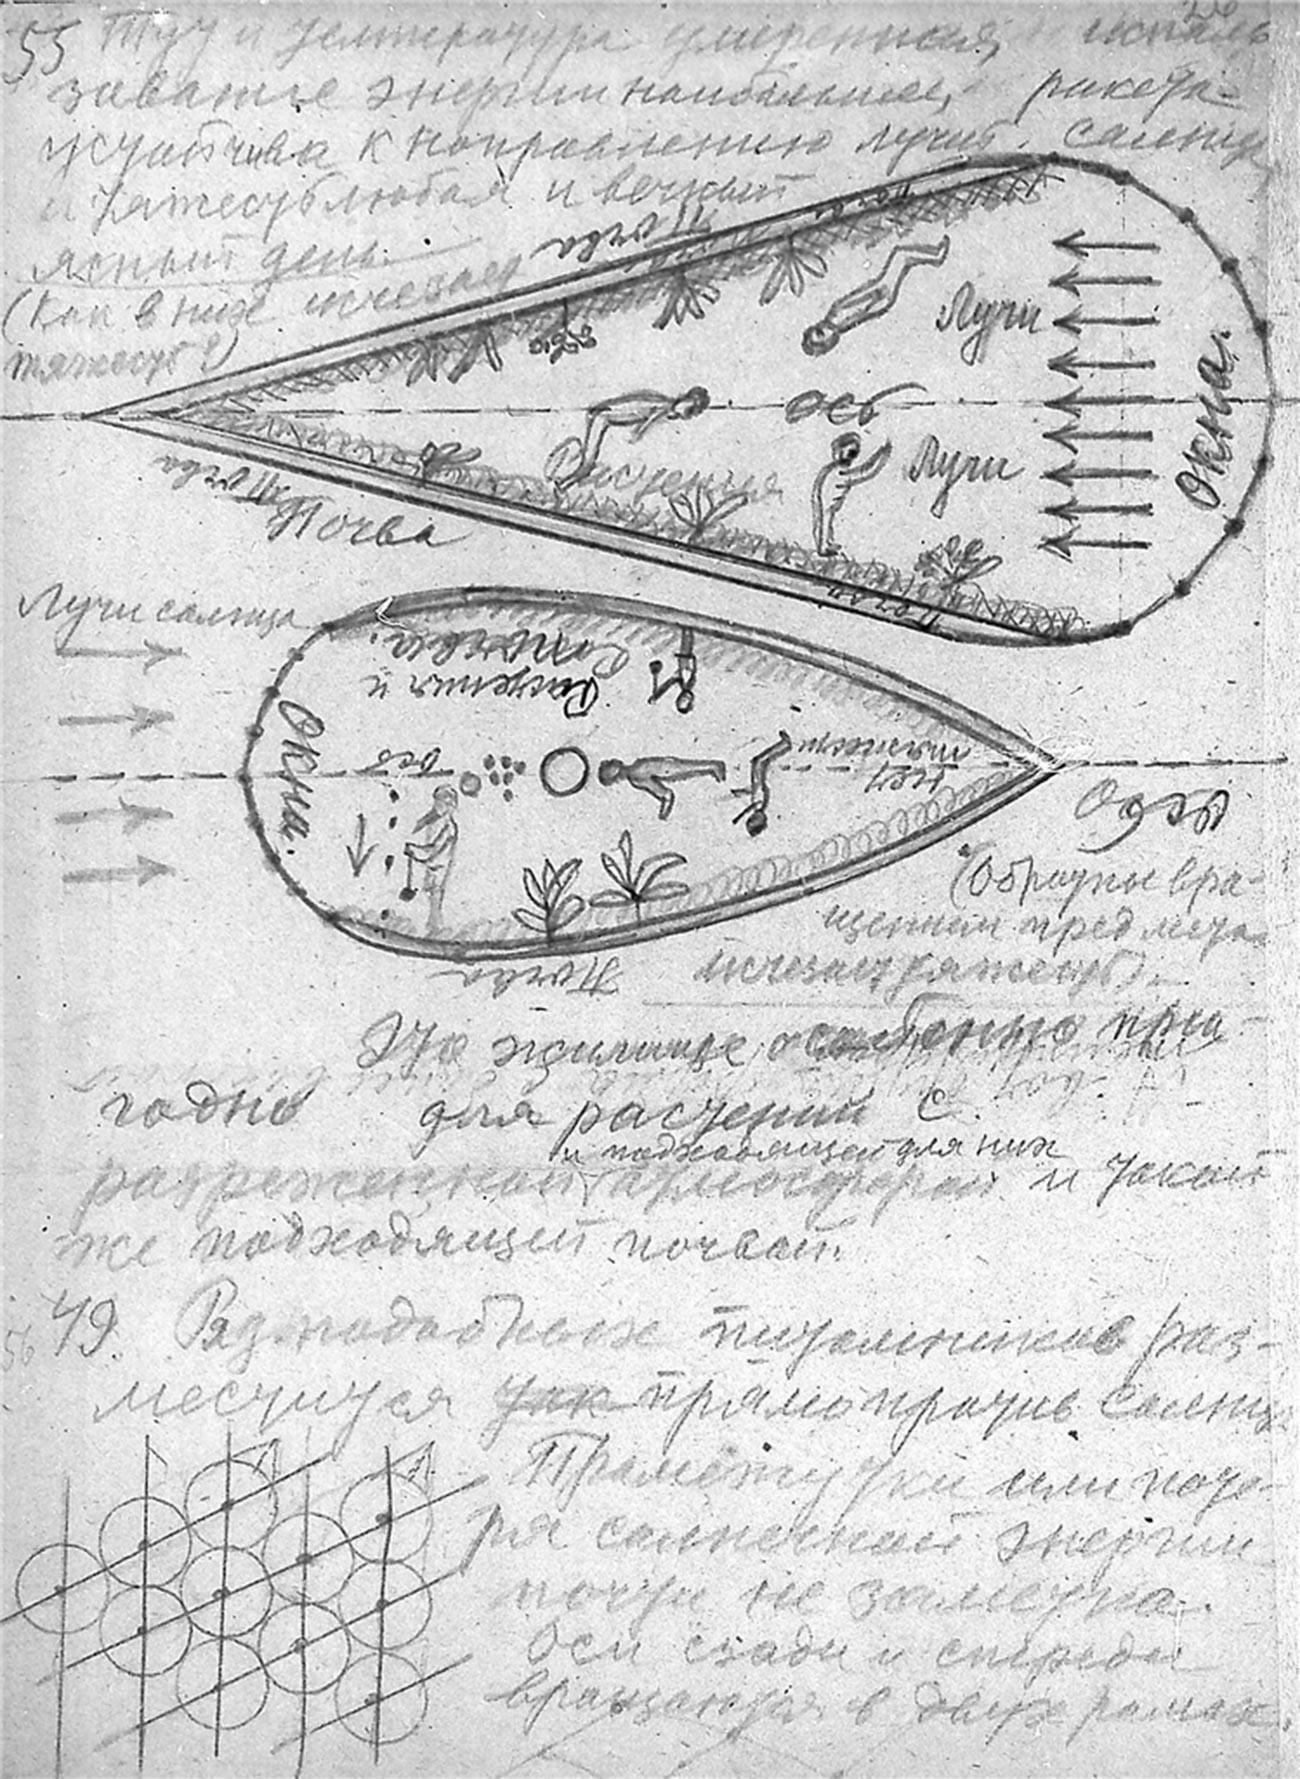 Opis in risba rastlinjaka vesoljske ladje Ciolkovskega